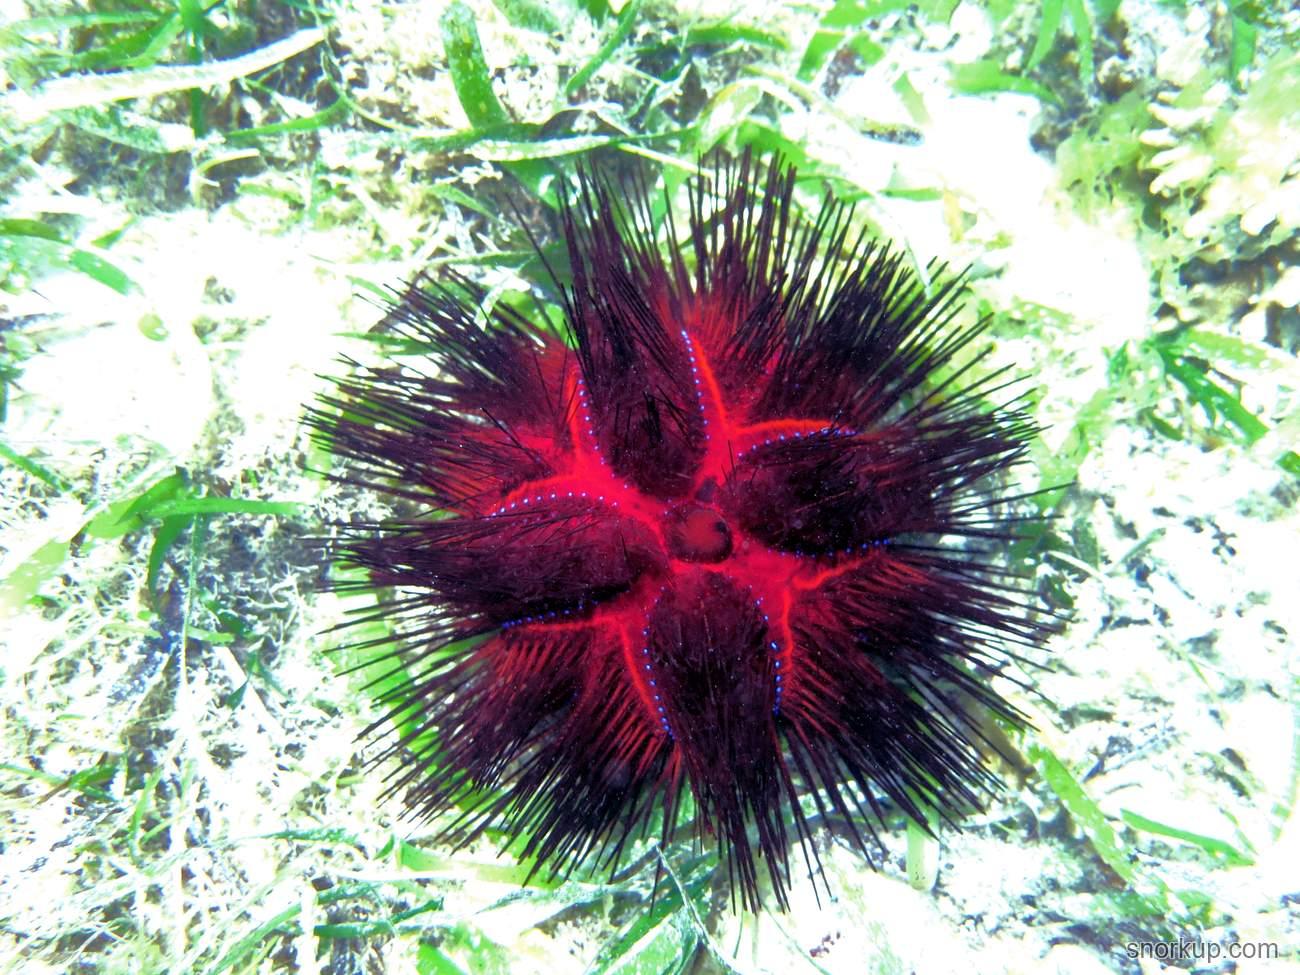 Красный диадемовый морской ёж - Astropyga radiata - Radiant Sea Urchin